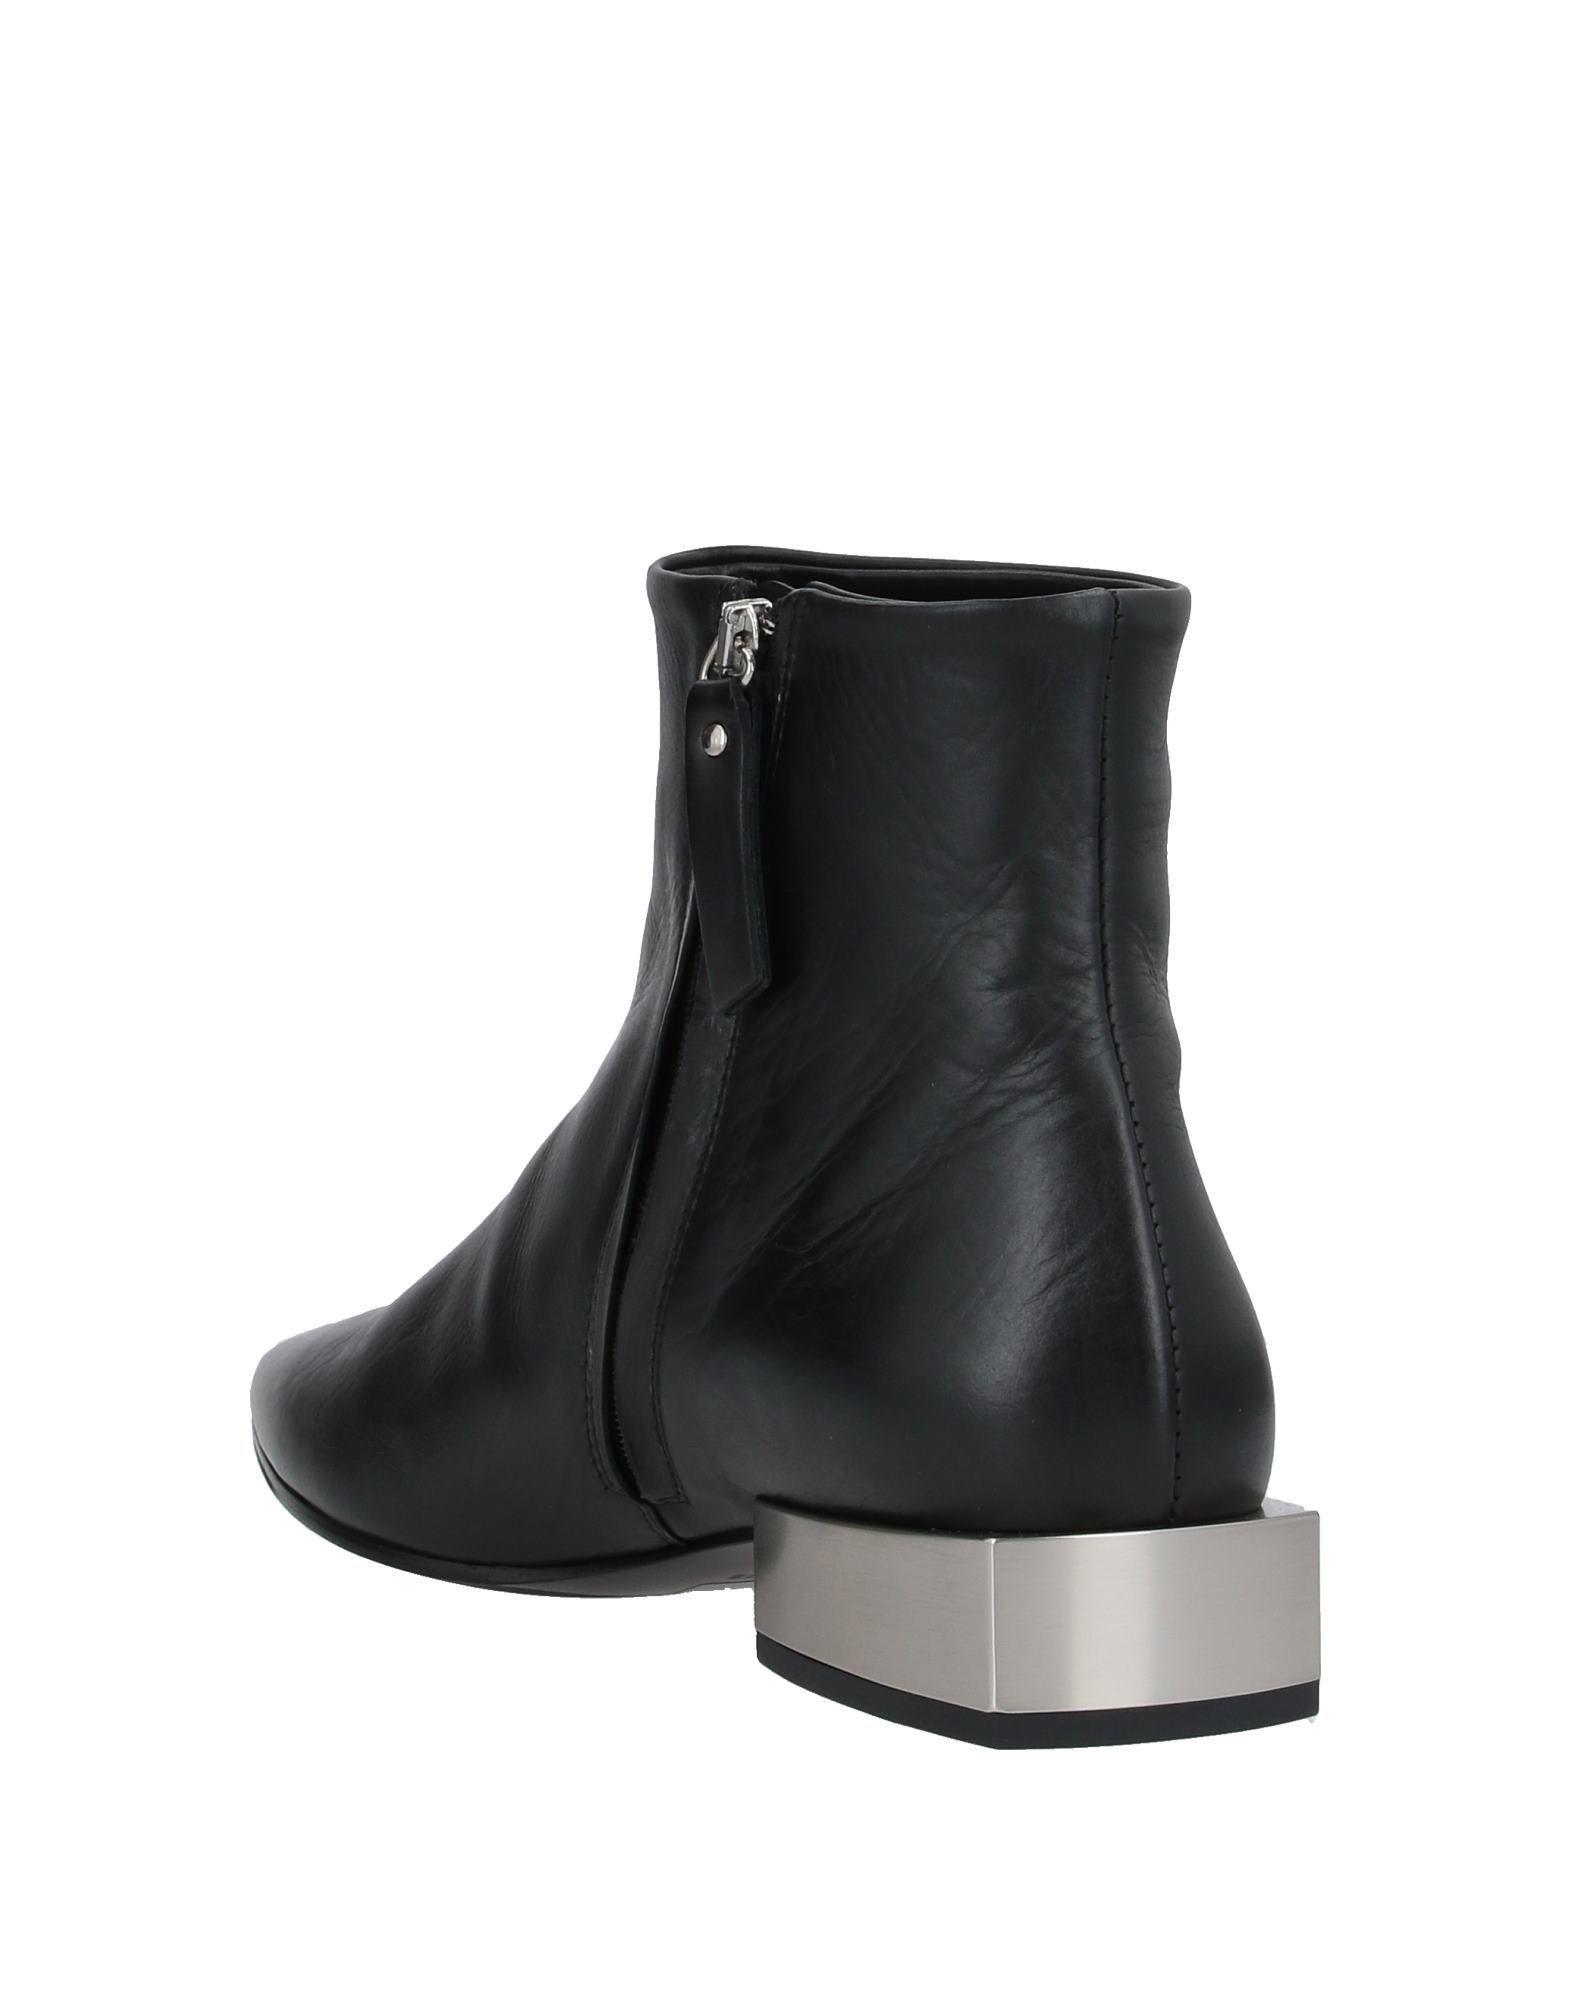 Botines de caña alta Vic Matié de Cuero de color Negro